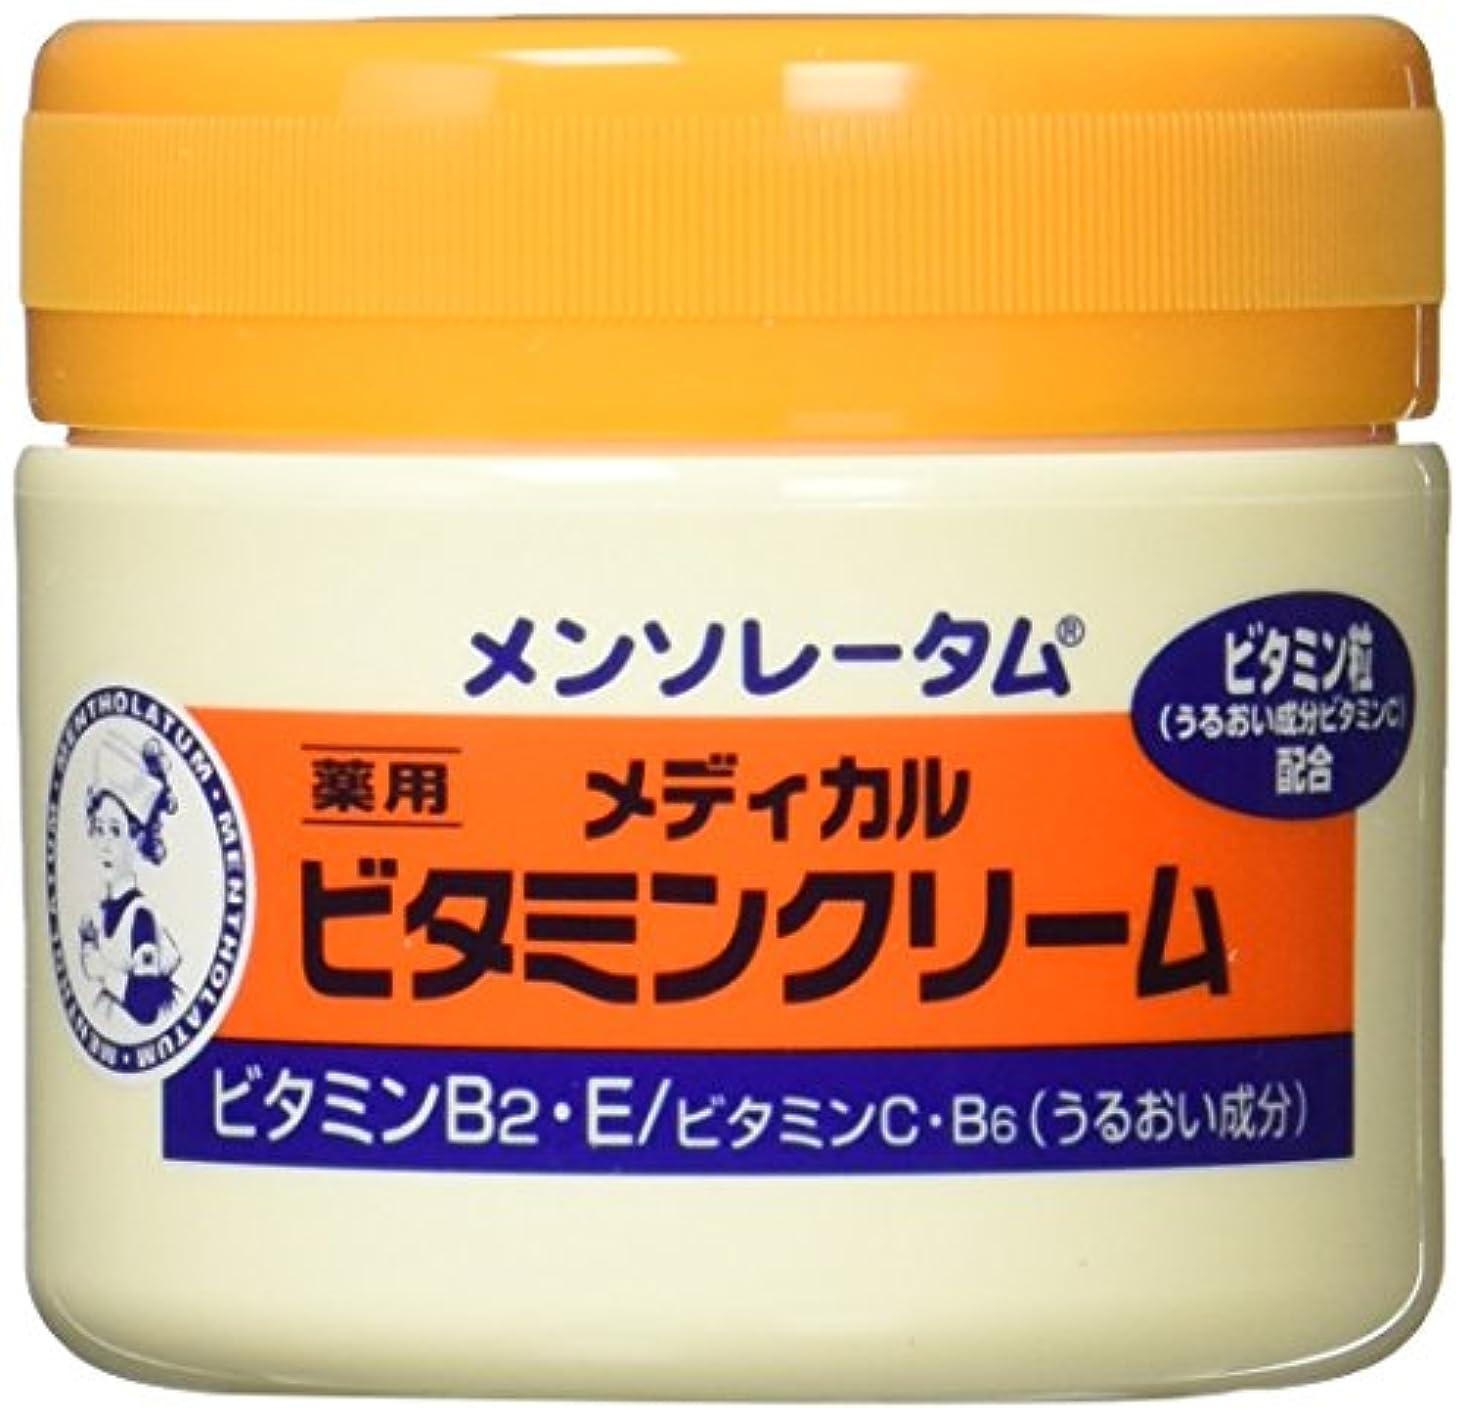 以降がっかりした眠り【医薬部外品】メンソレータム メディカルビタミンクリーム 145g